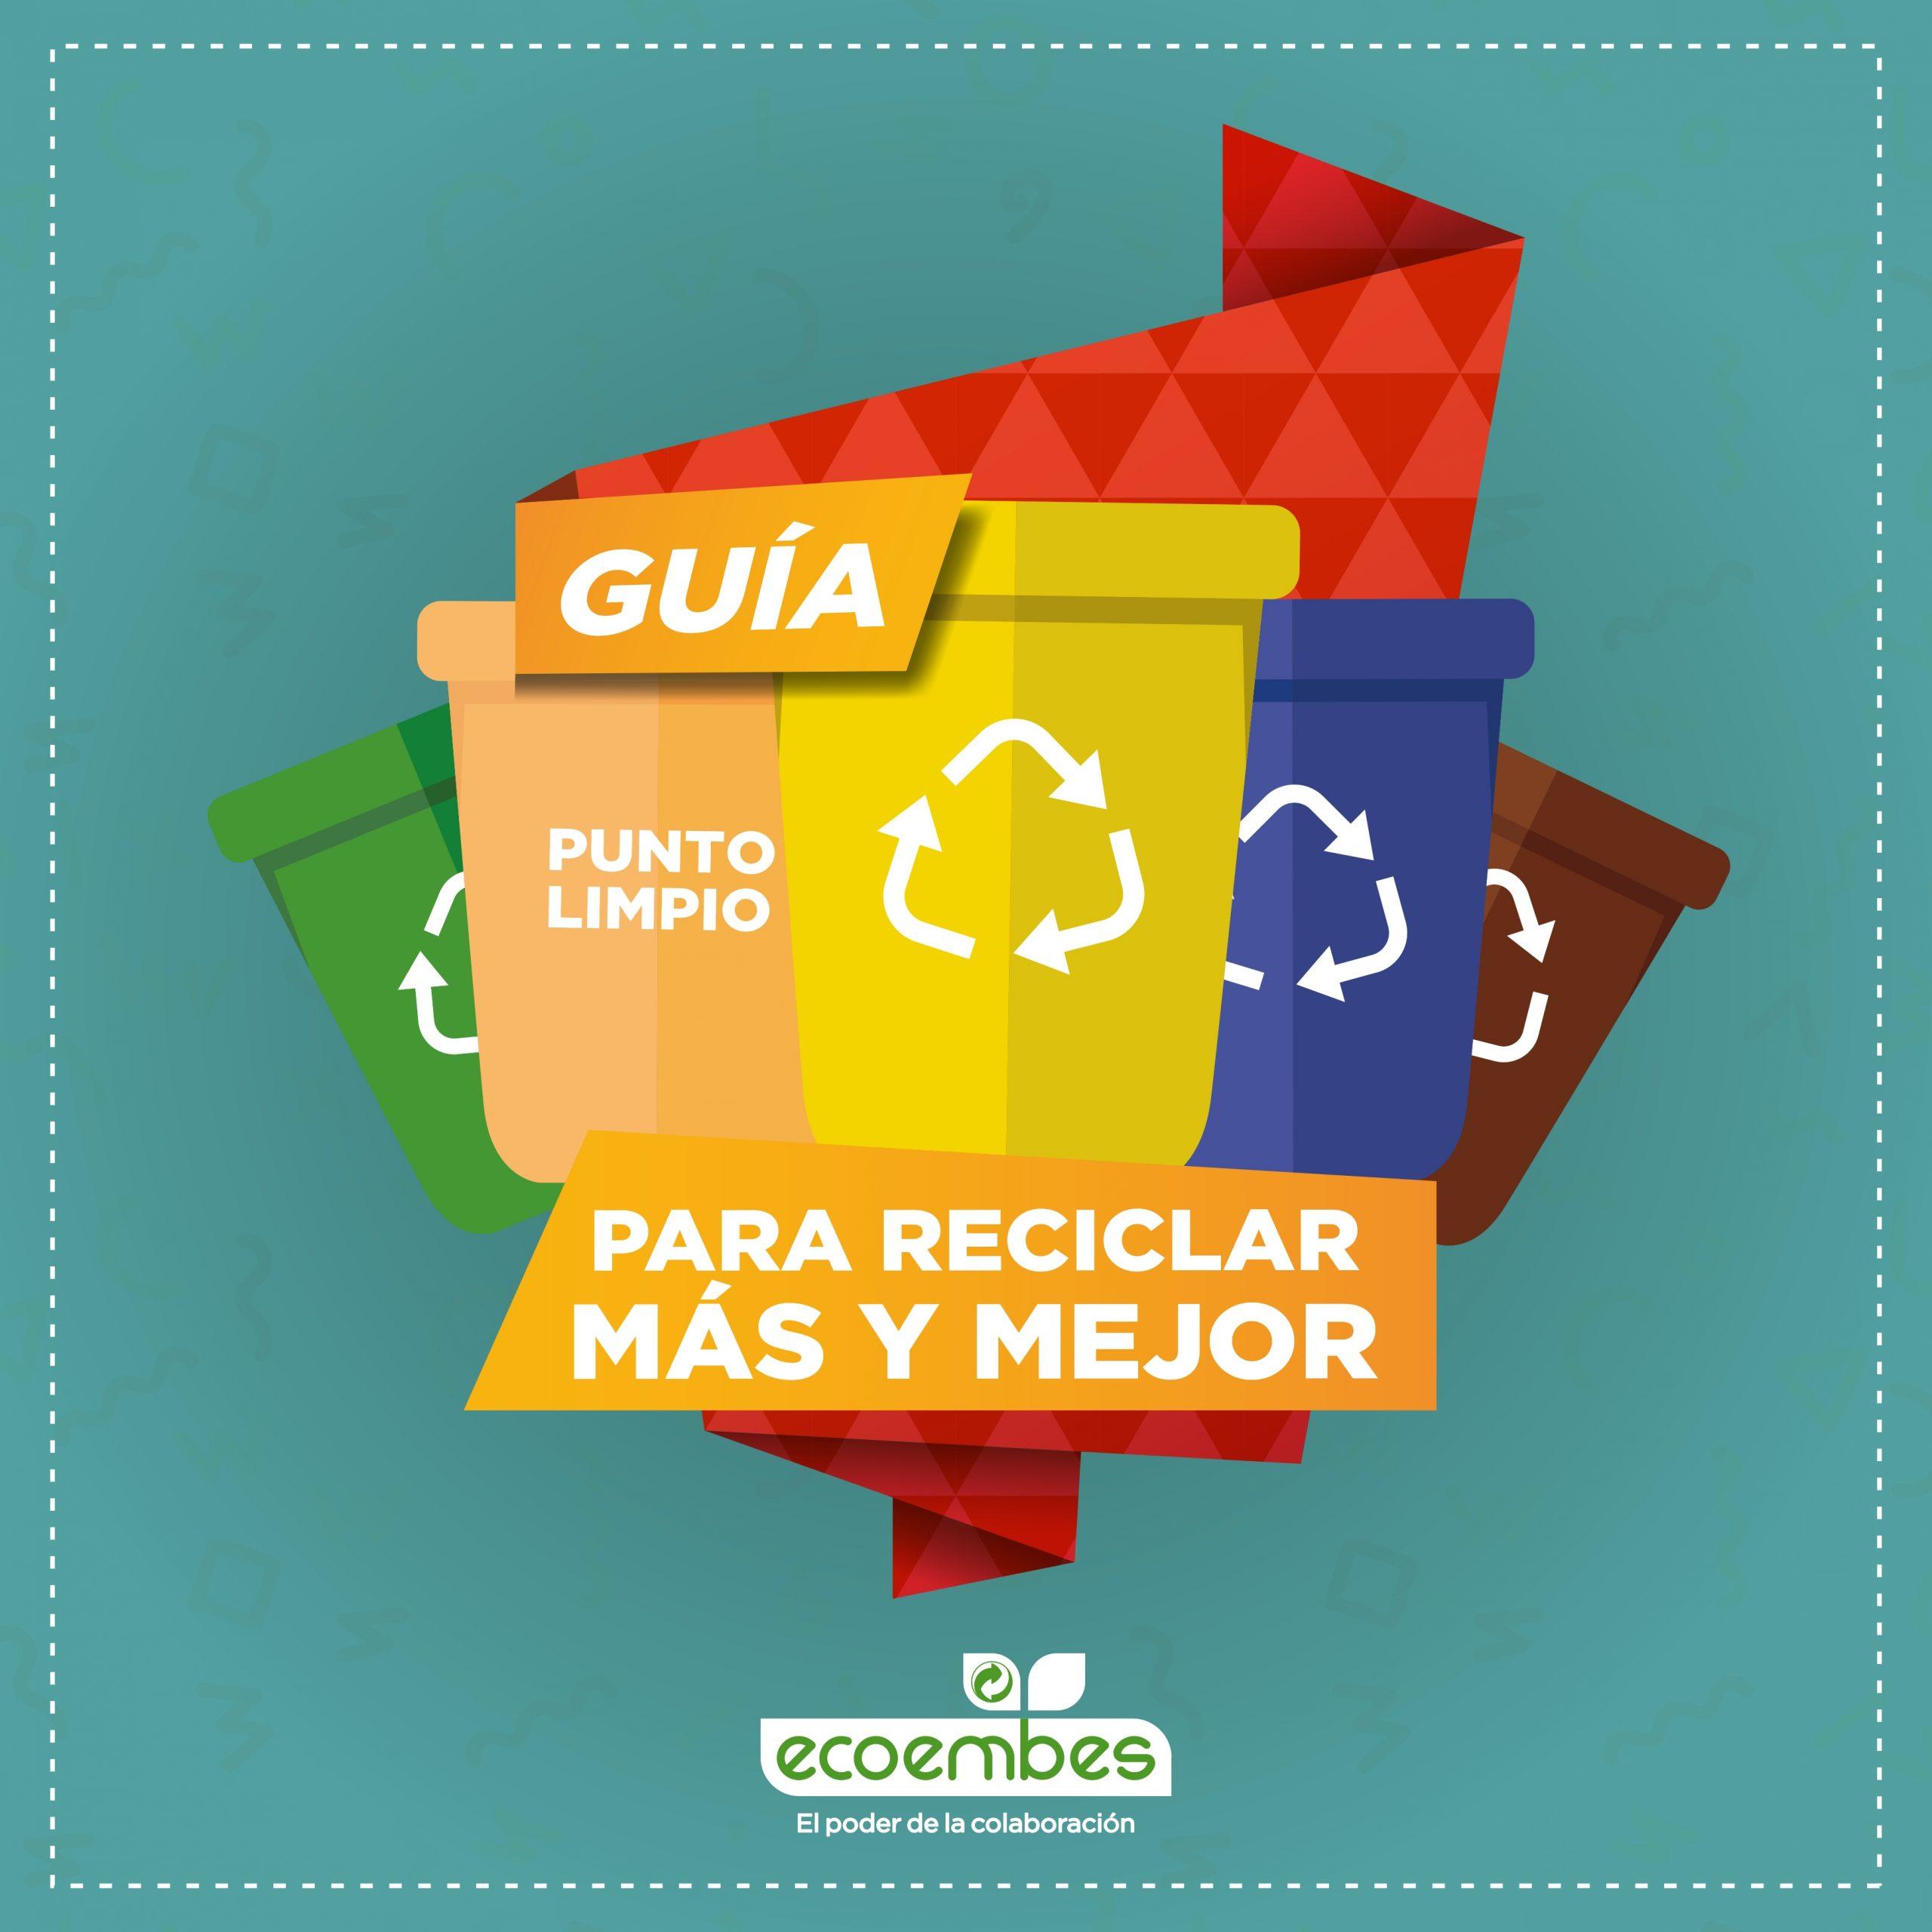 guia20